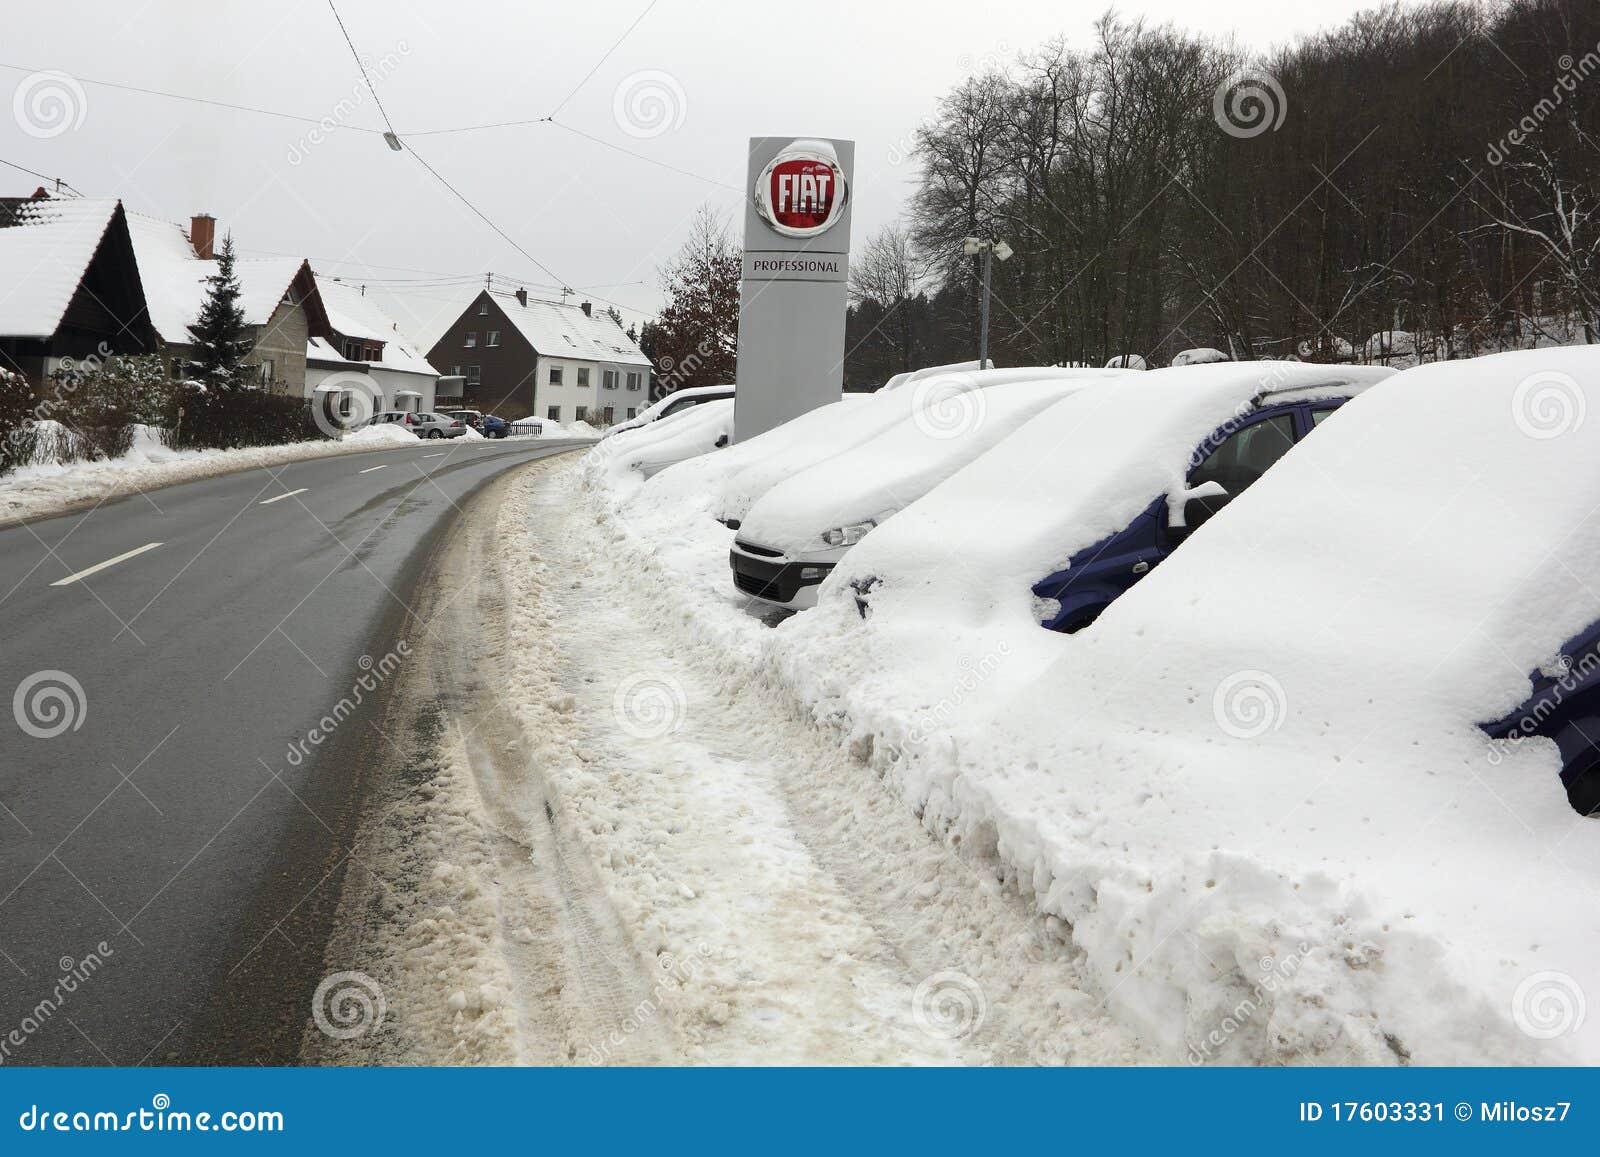 欧洲德国saarland冬天图片